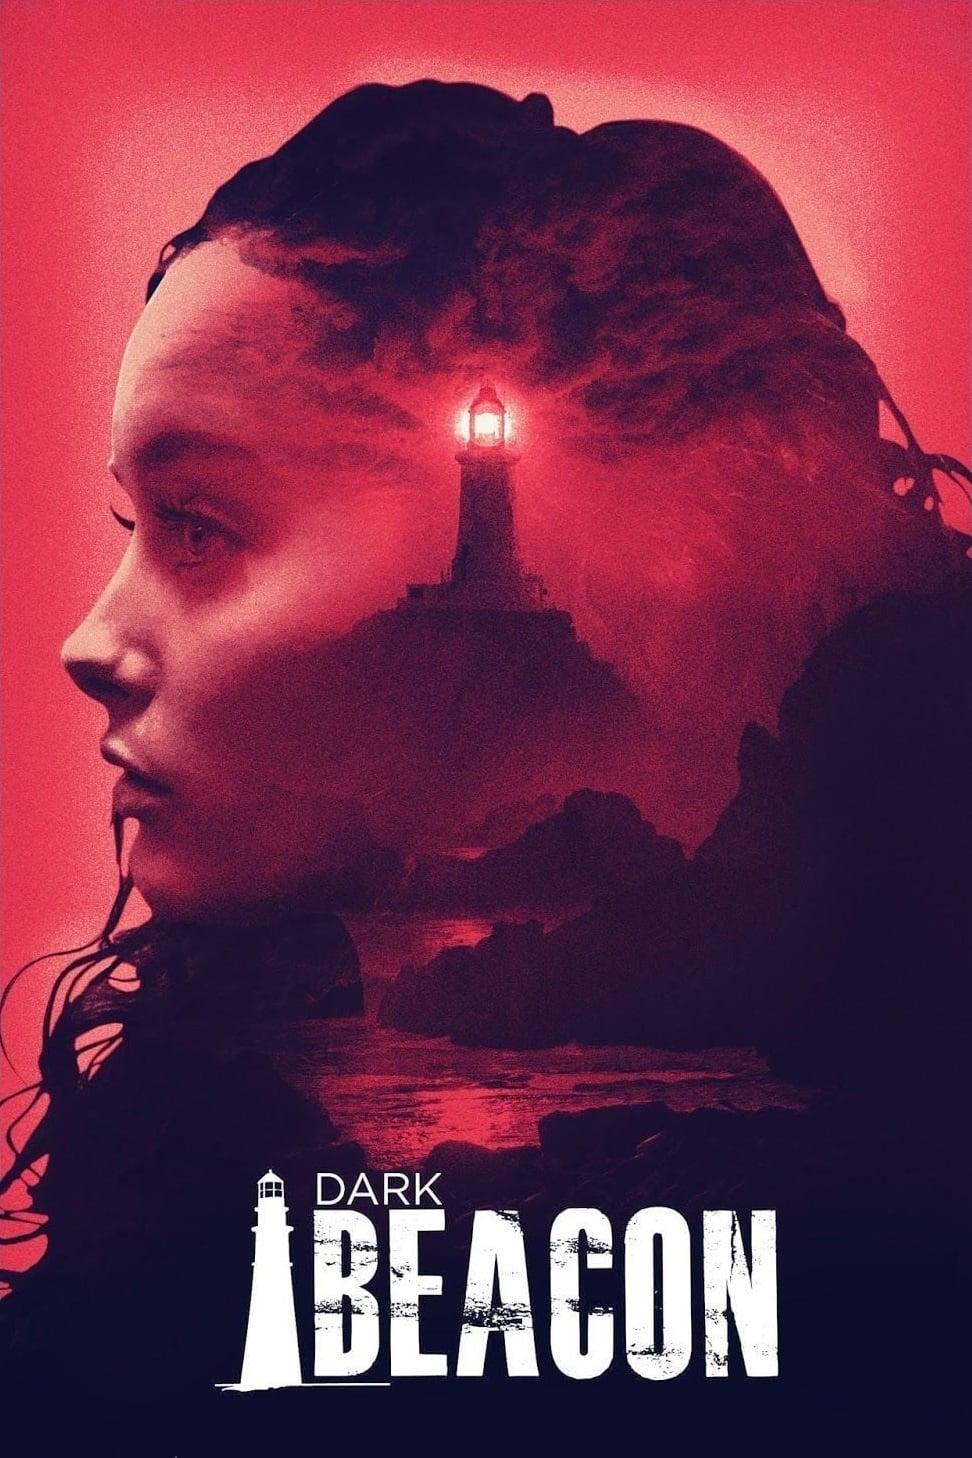 watch Dark Beacon 2017 online free